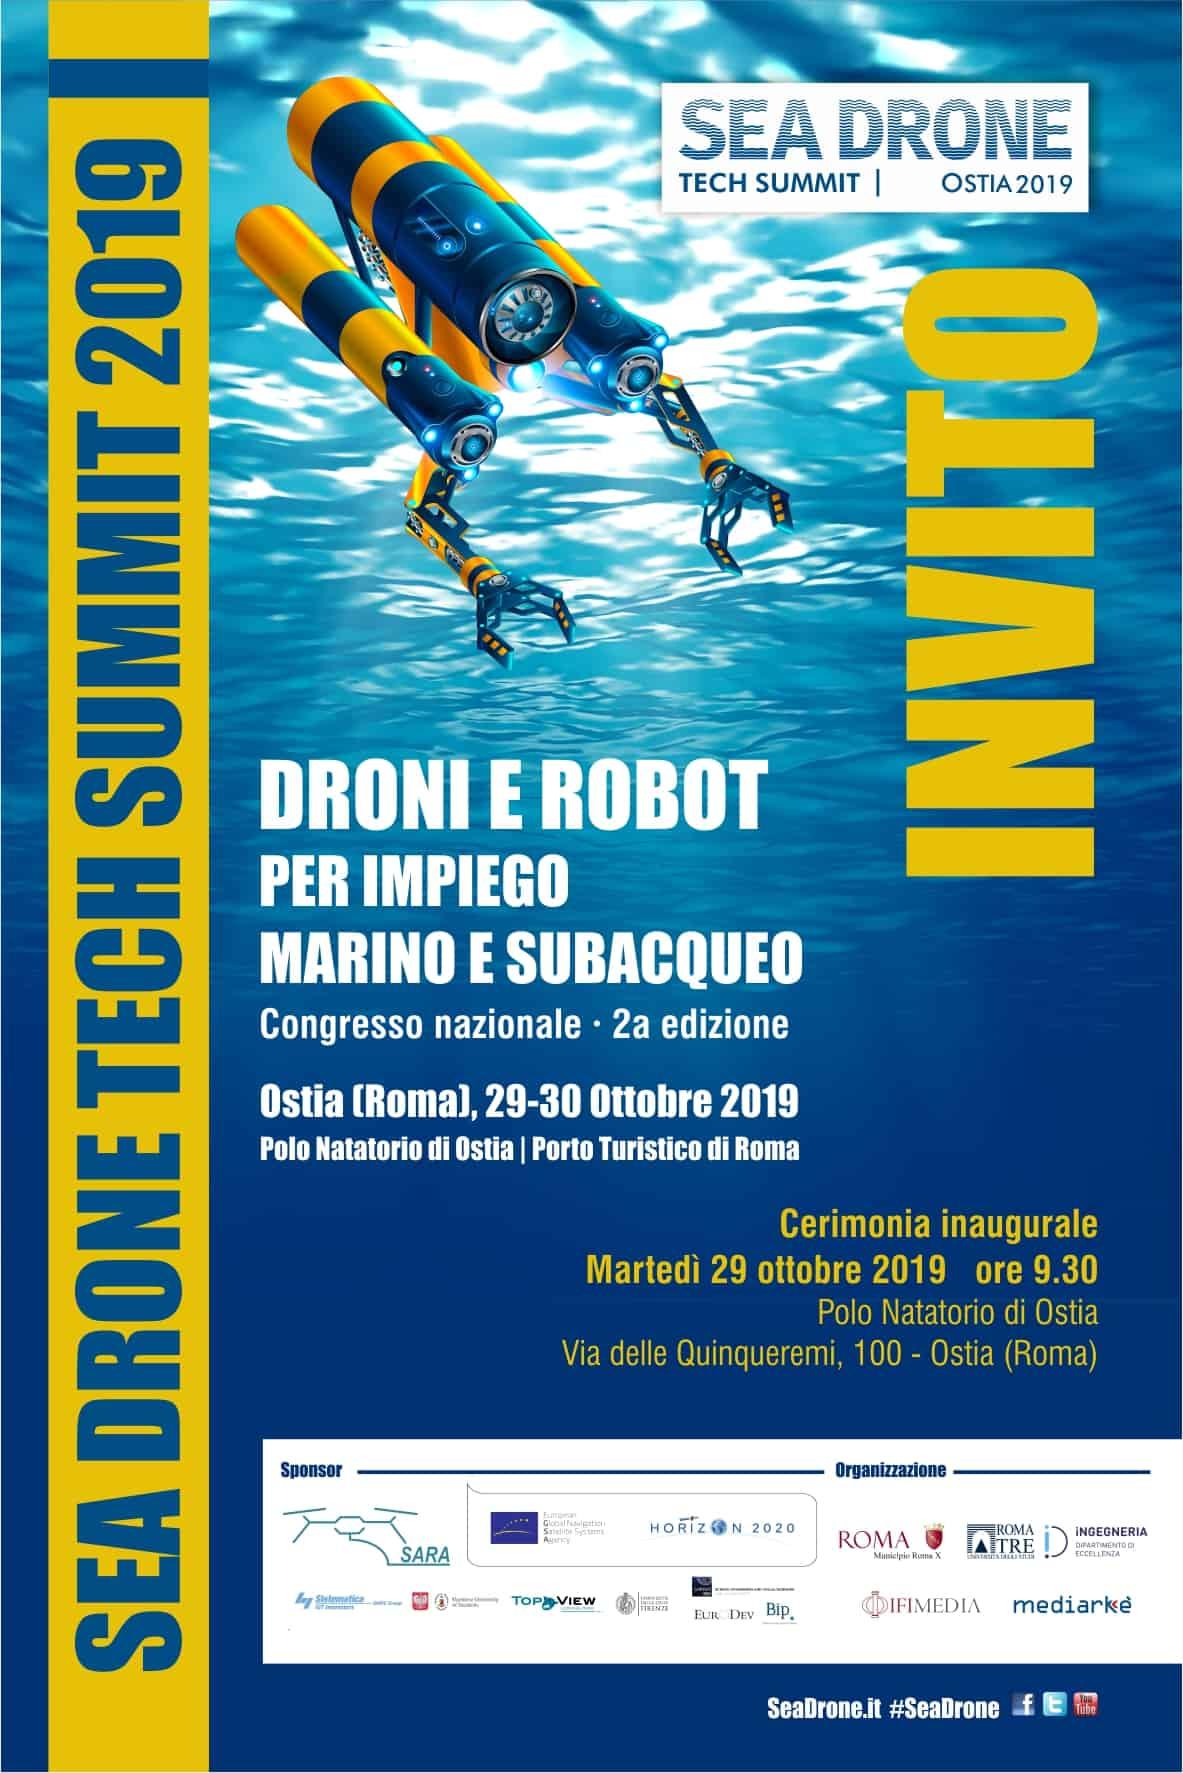 Congresso sui droni marini